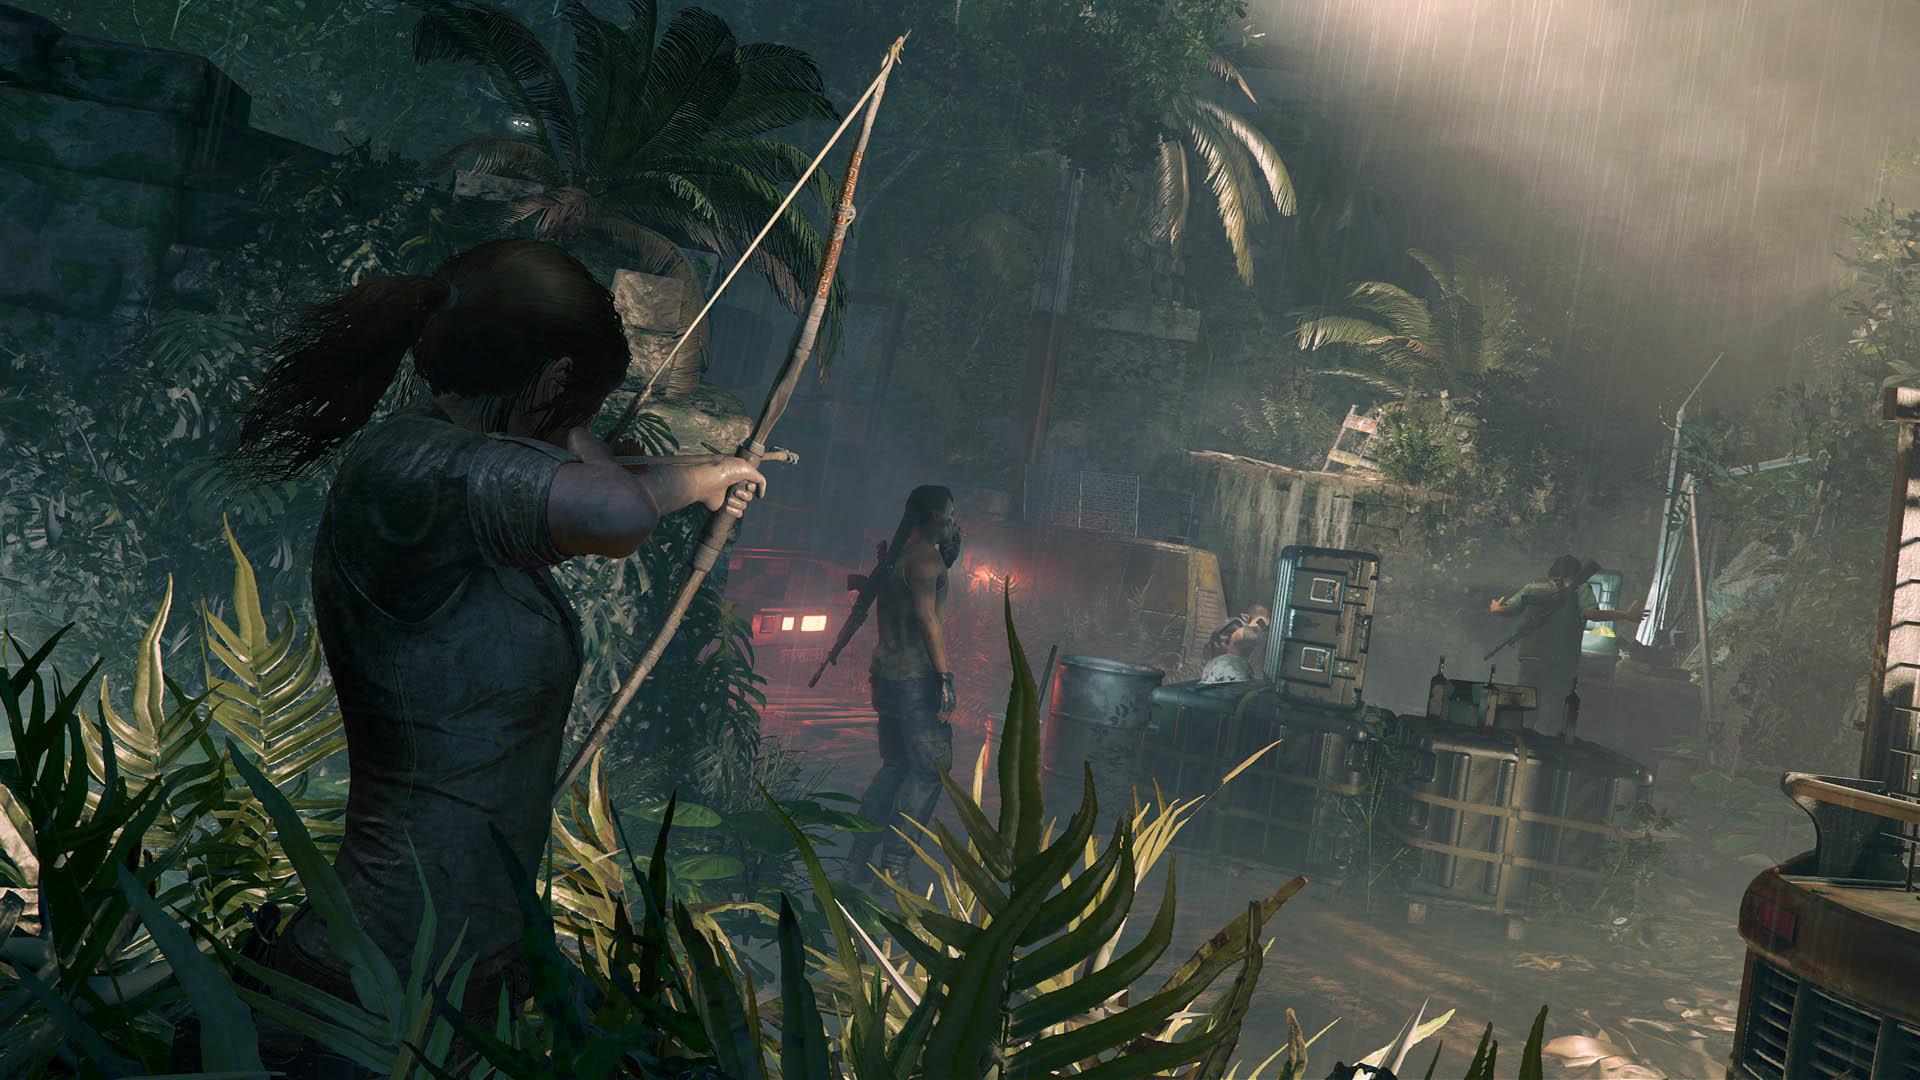 دعم تقنية AMD FidelityFX يصل لعبة Shadow of the Tomb Raider كرت شاشة